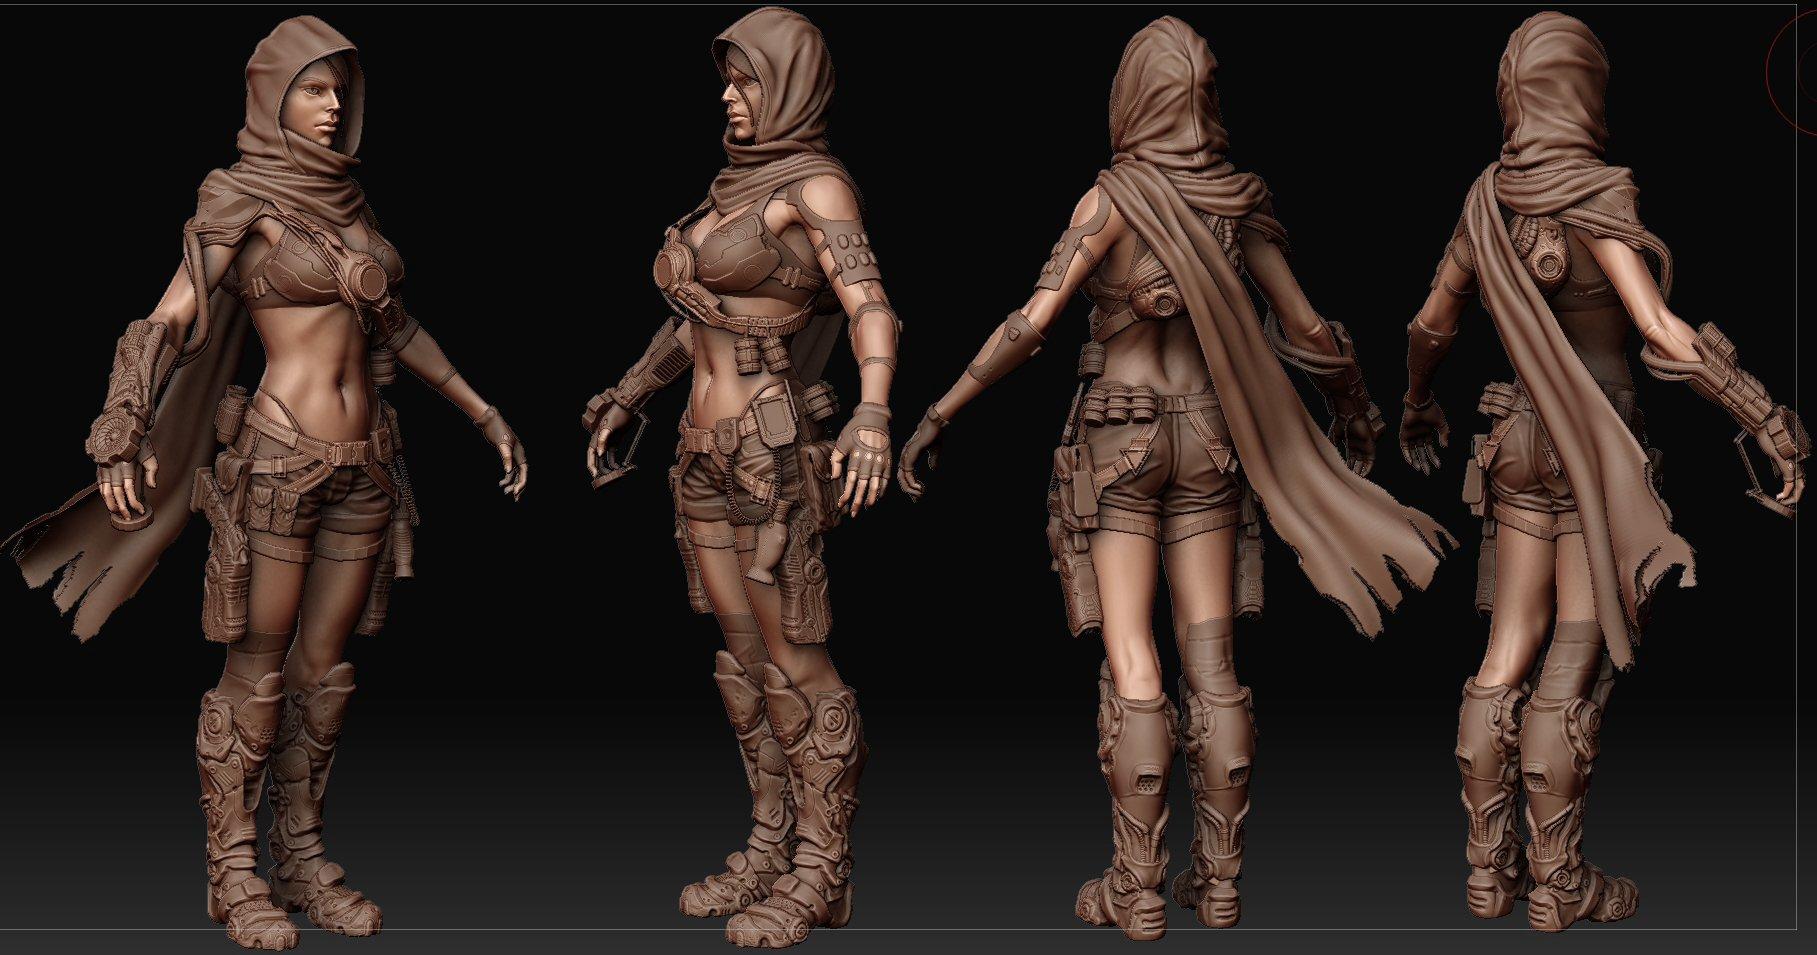 Lara croft troll xxx tube